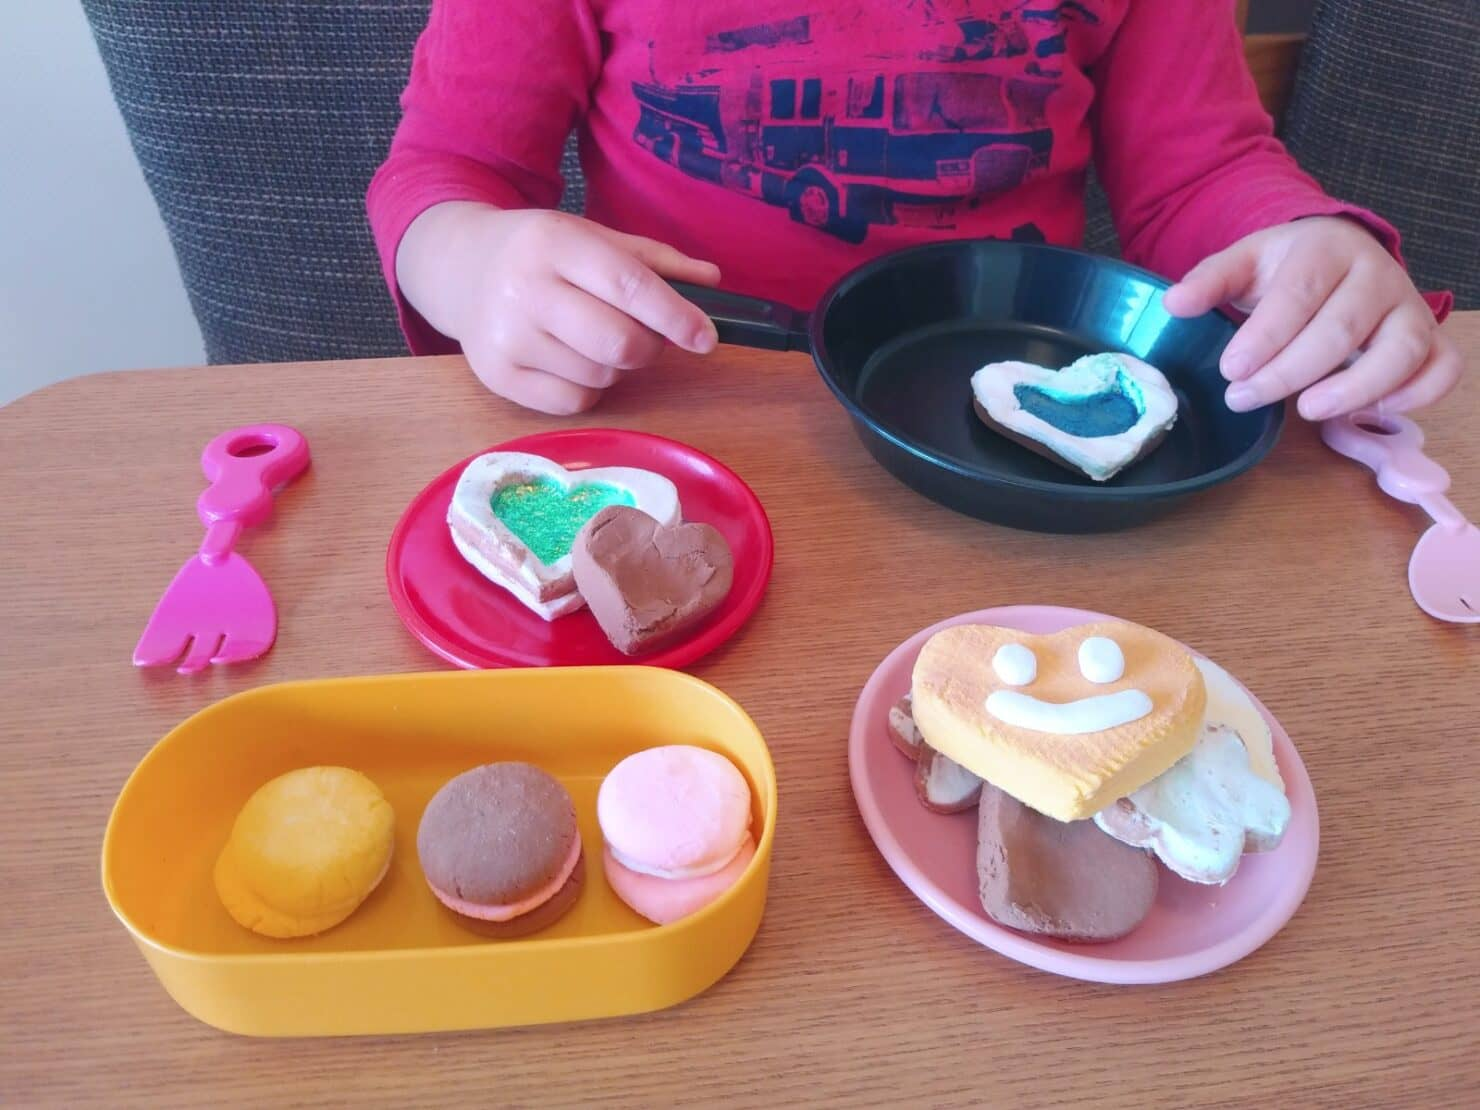 樹脂粘土がおすすめな理由とは? 特徴や購入できるお店は? 子供と一緒に作ってみよう!